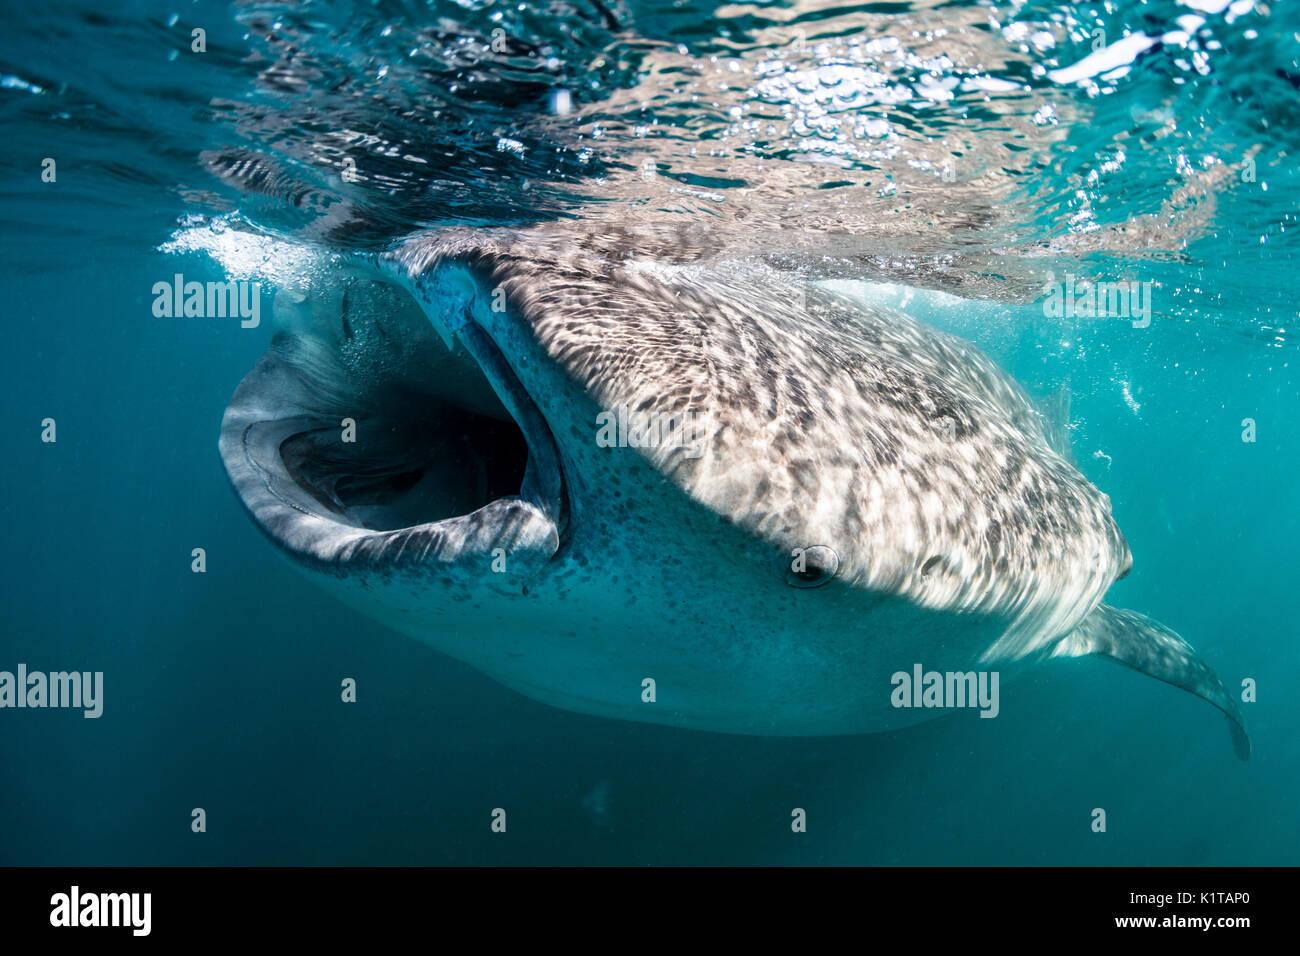 Un requin-baleine se nourrit de plancton et de krill près de la surface de la baie de La Paz, au Mexique. Banque D'Images